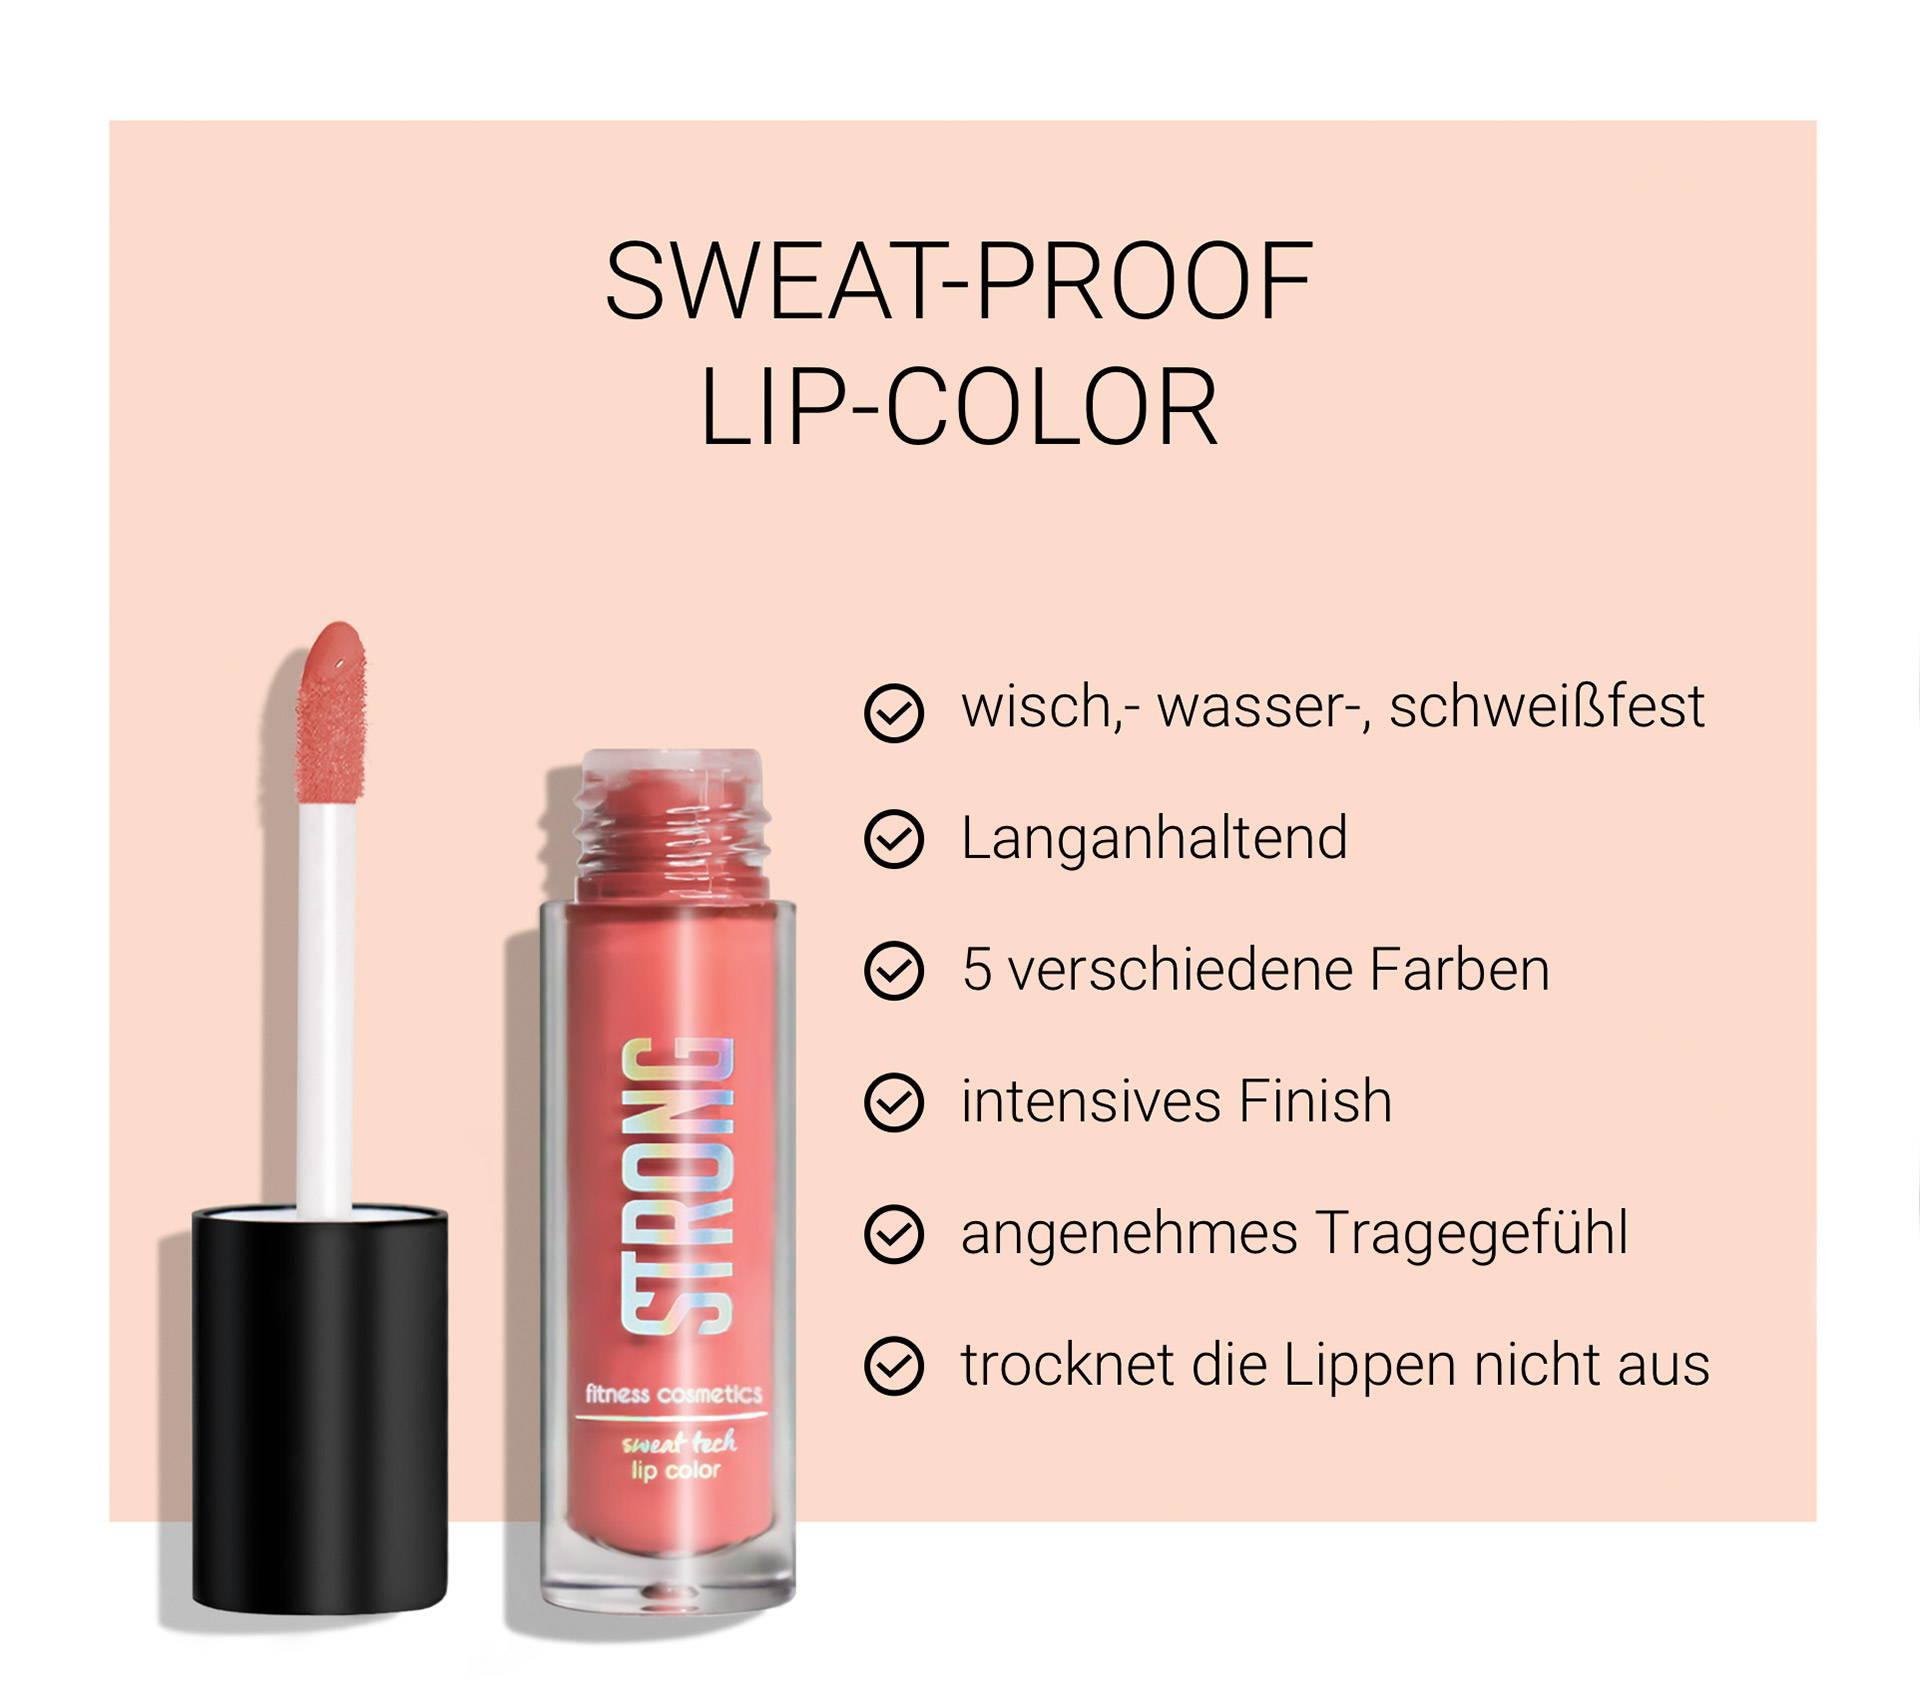 Lip Color mit Beschreibung